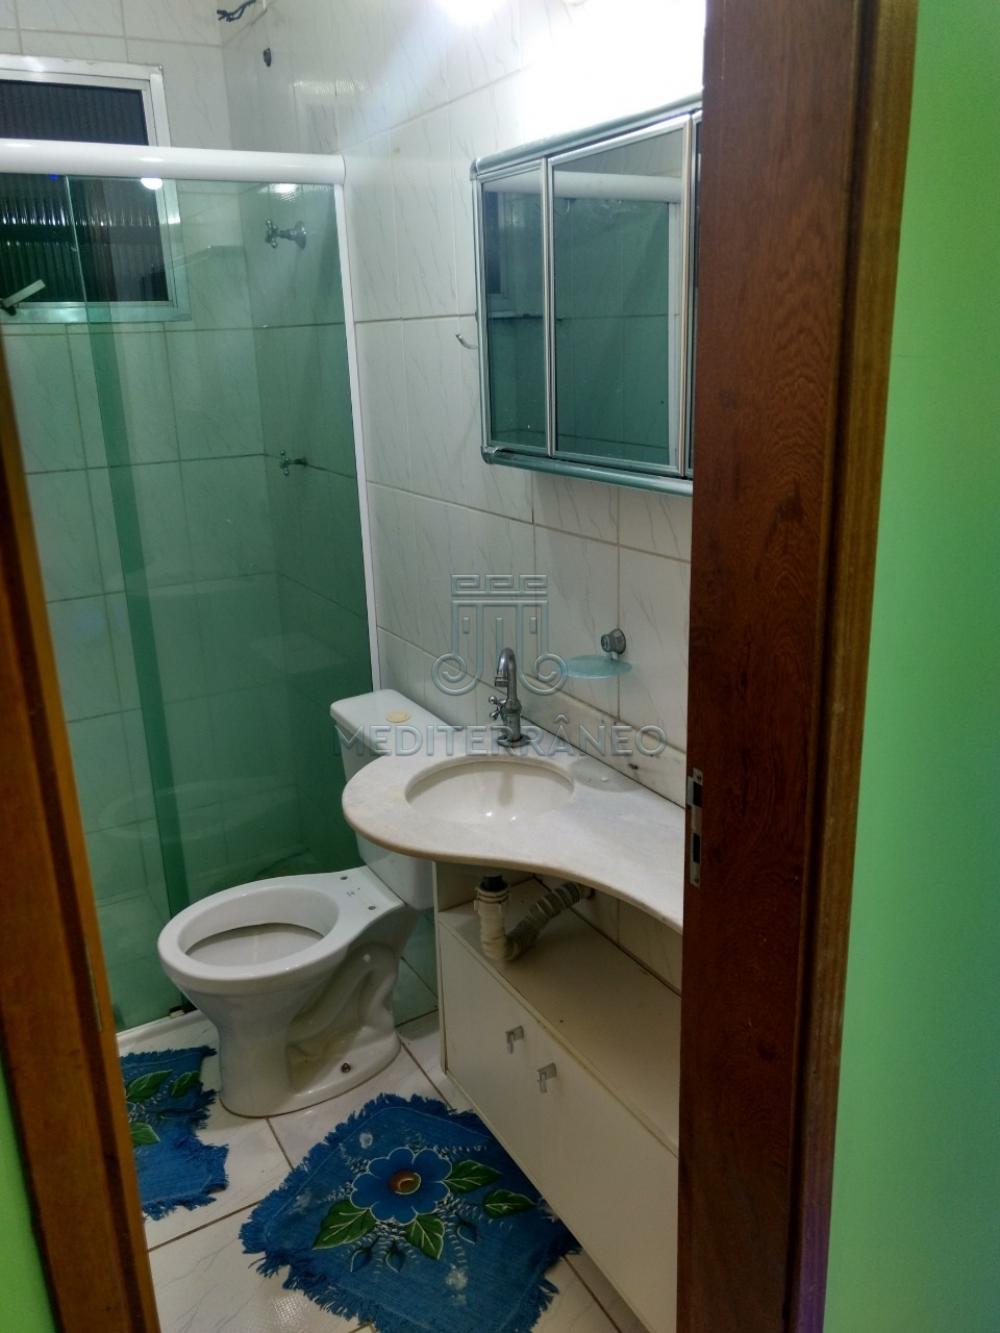 Comprar Apartamento / Padrão em Itupeva apenas R$ 225.000,00 - Foto 17